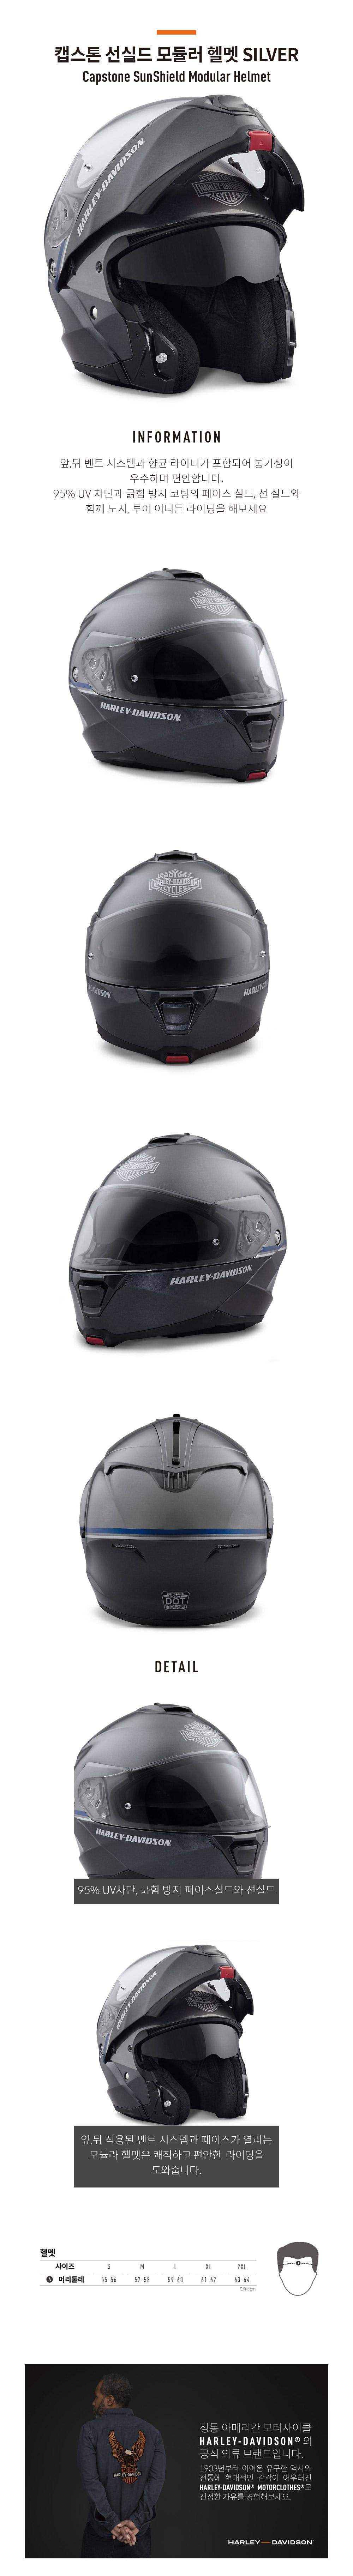 할리데이비슨 캡스톤 선실드 모듈러 헬멧 SILVER